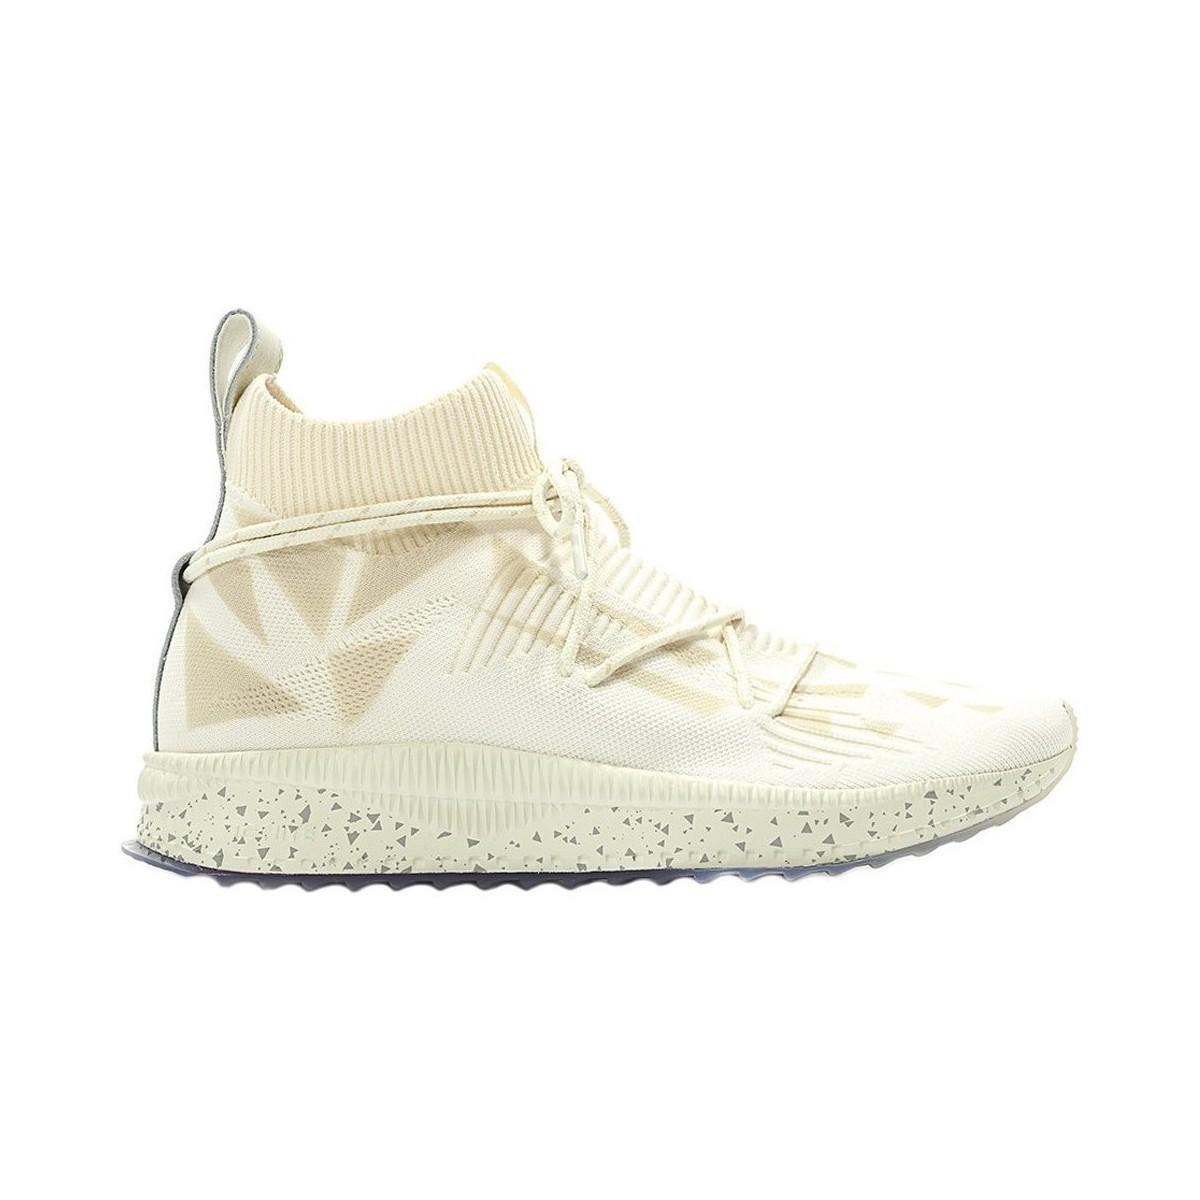 1c52f91c4d5e PUMA X Naturel Tsugi Evoknit Sock Men s Shoes (high-top Trainers) In ...